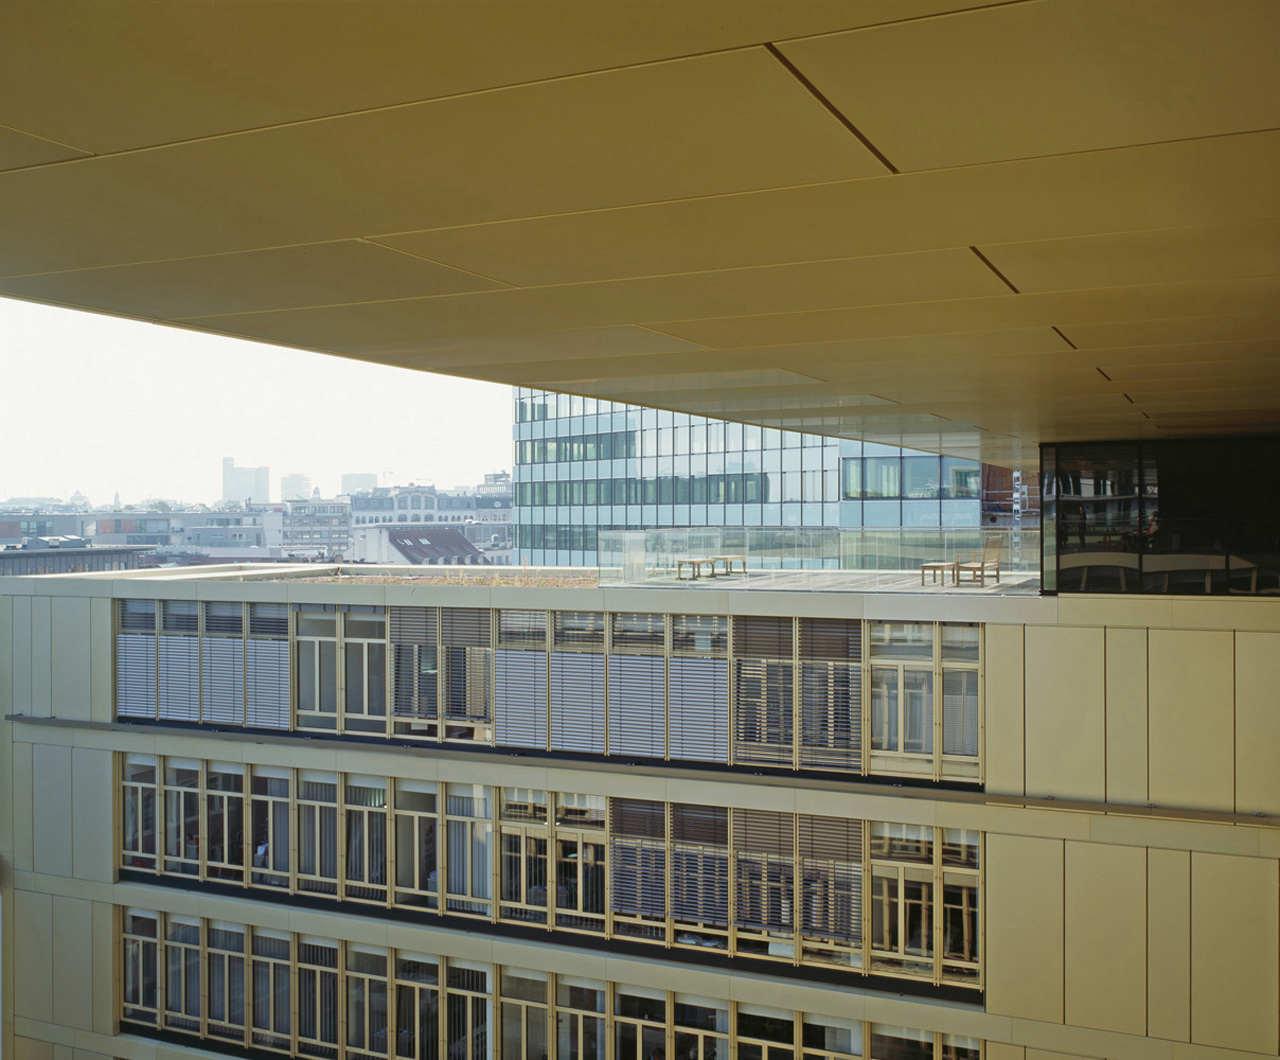 Cr 16 office and residential building blk2 architekten redchalksketch - Buro 13 architekten ...